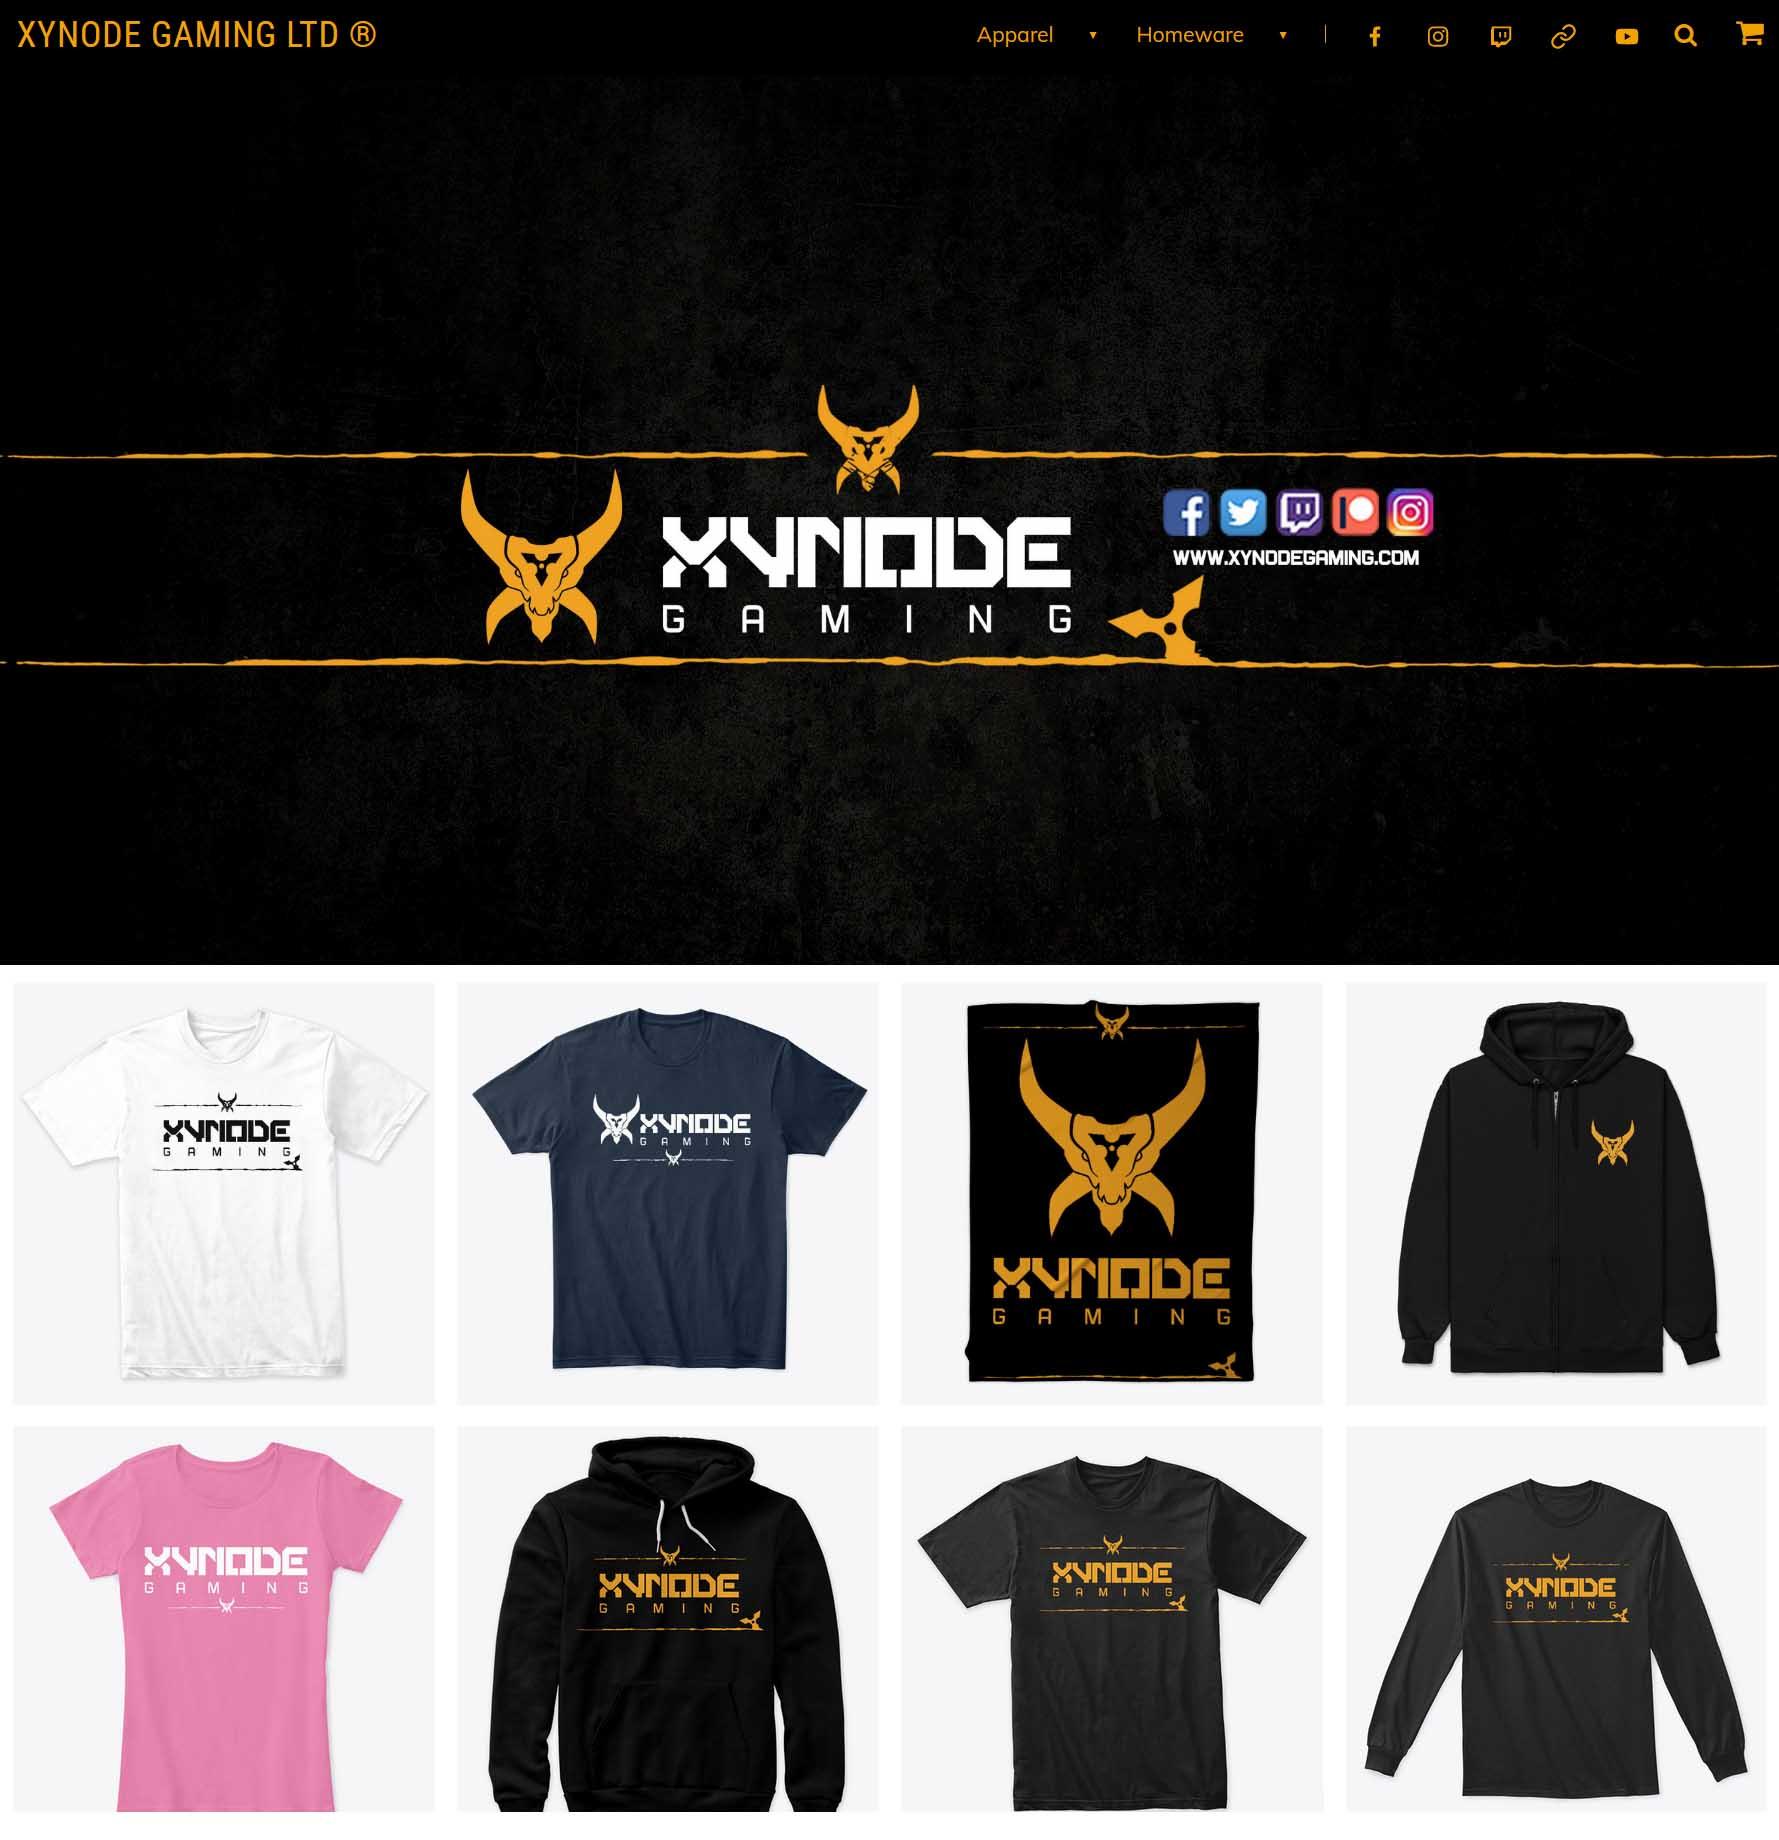 xynode,xynode gaming, eso, elder scrolls, march, urban, urban clothing, hoodie, gaming hoodie, gaming gear, t-shirt, urban style, urban wear, urban hoodie, urban t-shirt, urban style